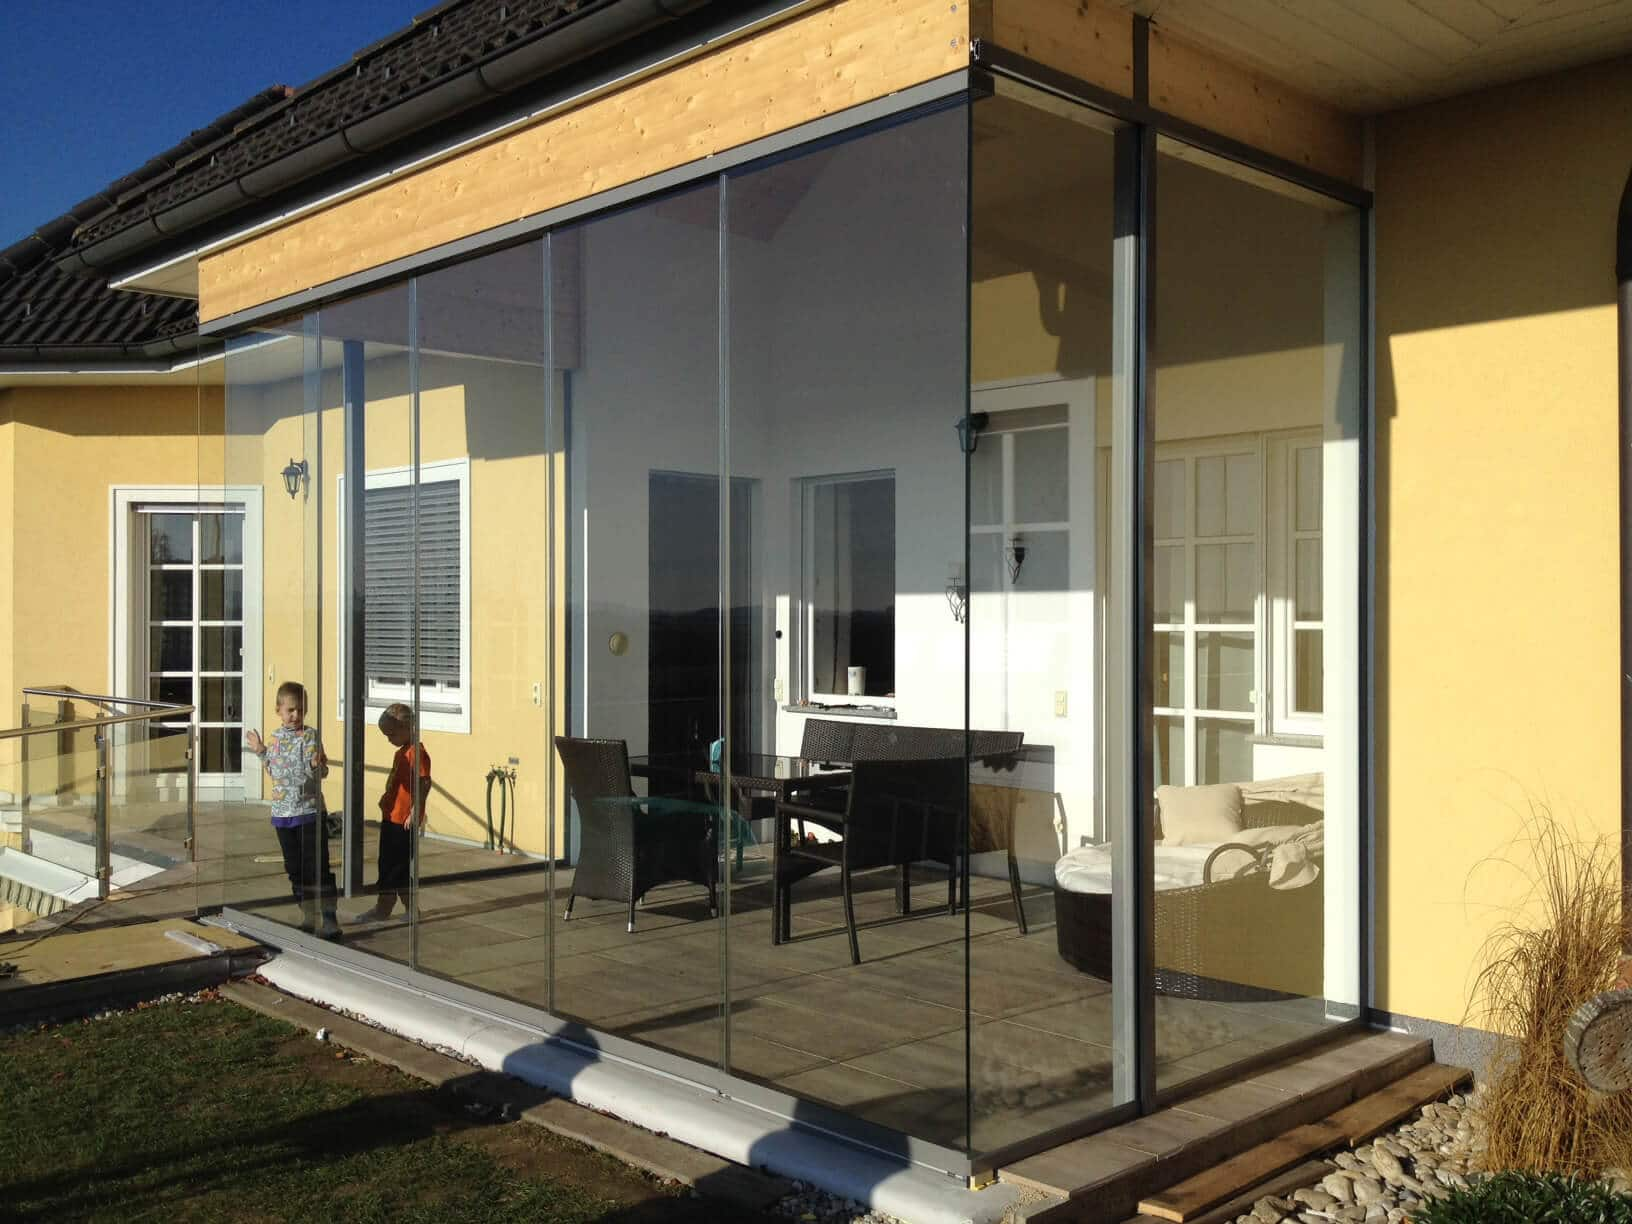 Hohe Schiebetüren aus Glas - Sunflex SF 20